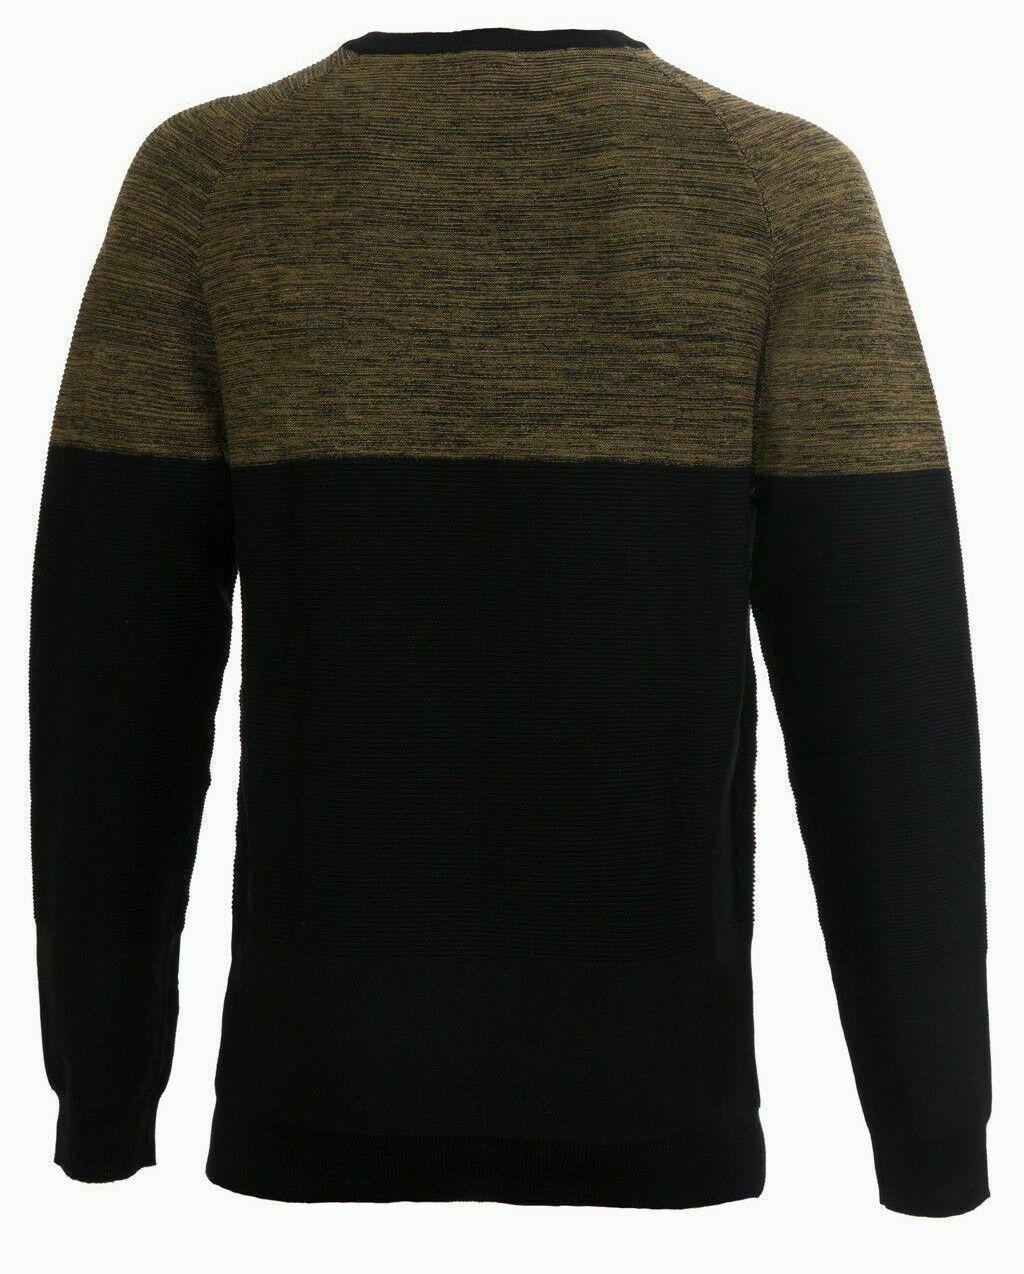 Maglione-uomo-Slim-Fit-Maglioncino-Girocollo-Cardigan-Casual-Grigio-Nero miniatura 23